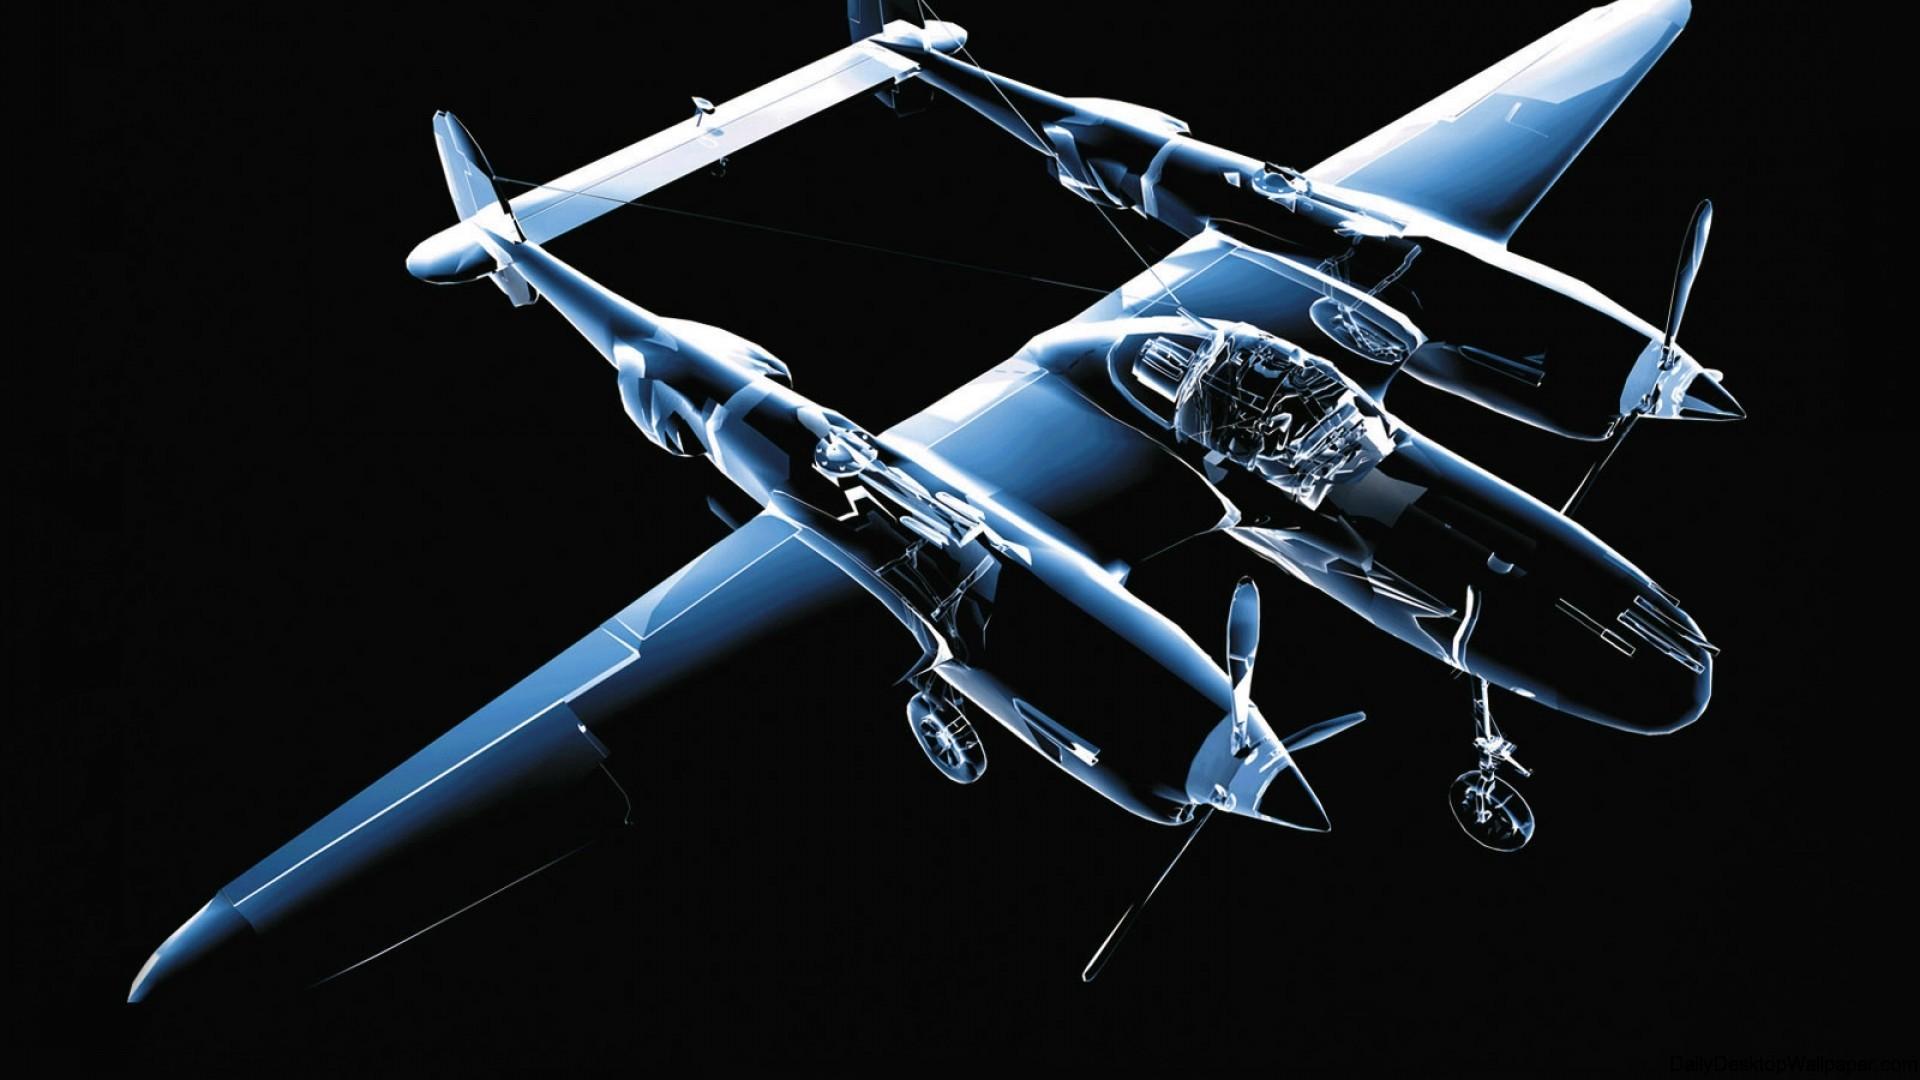 3D Aircraft wallpaper